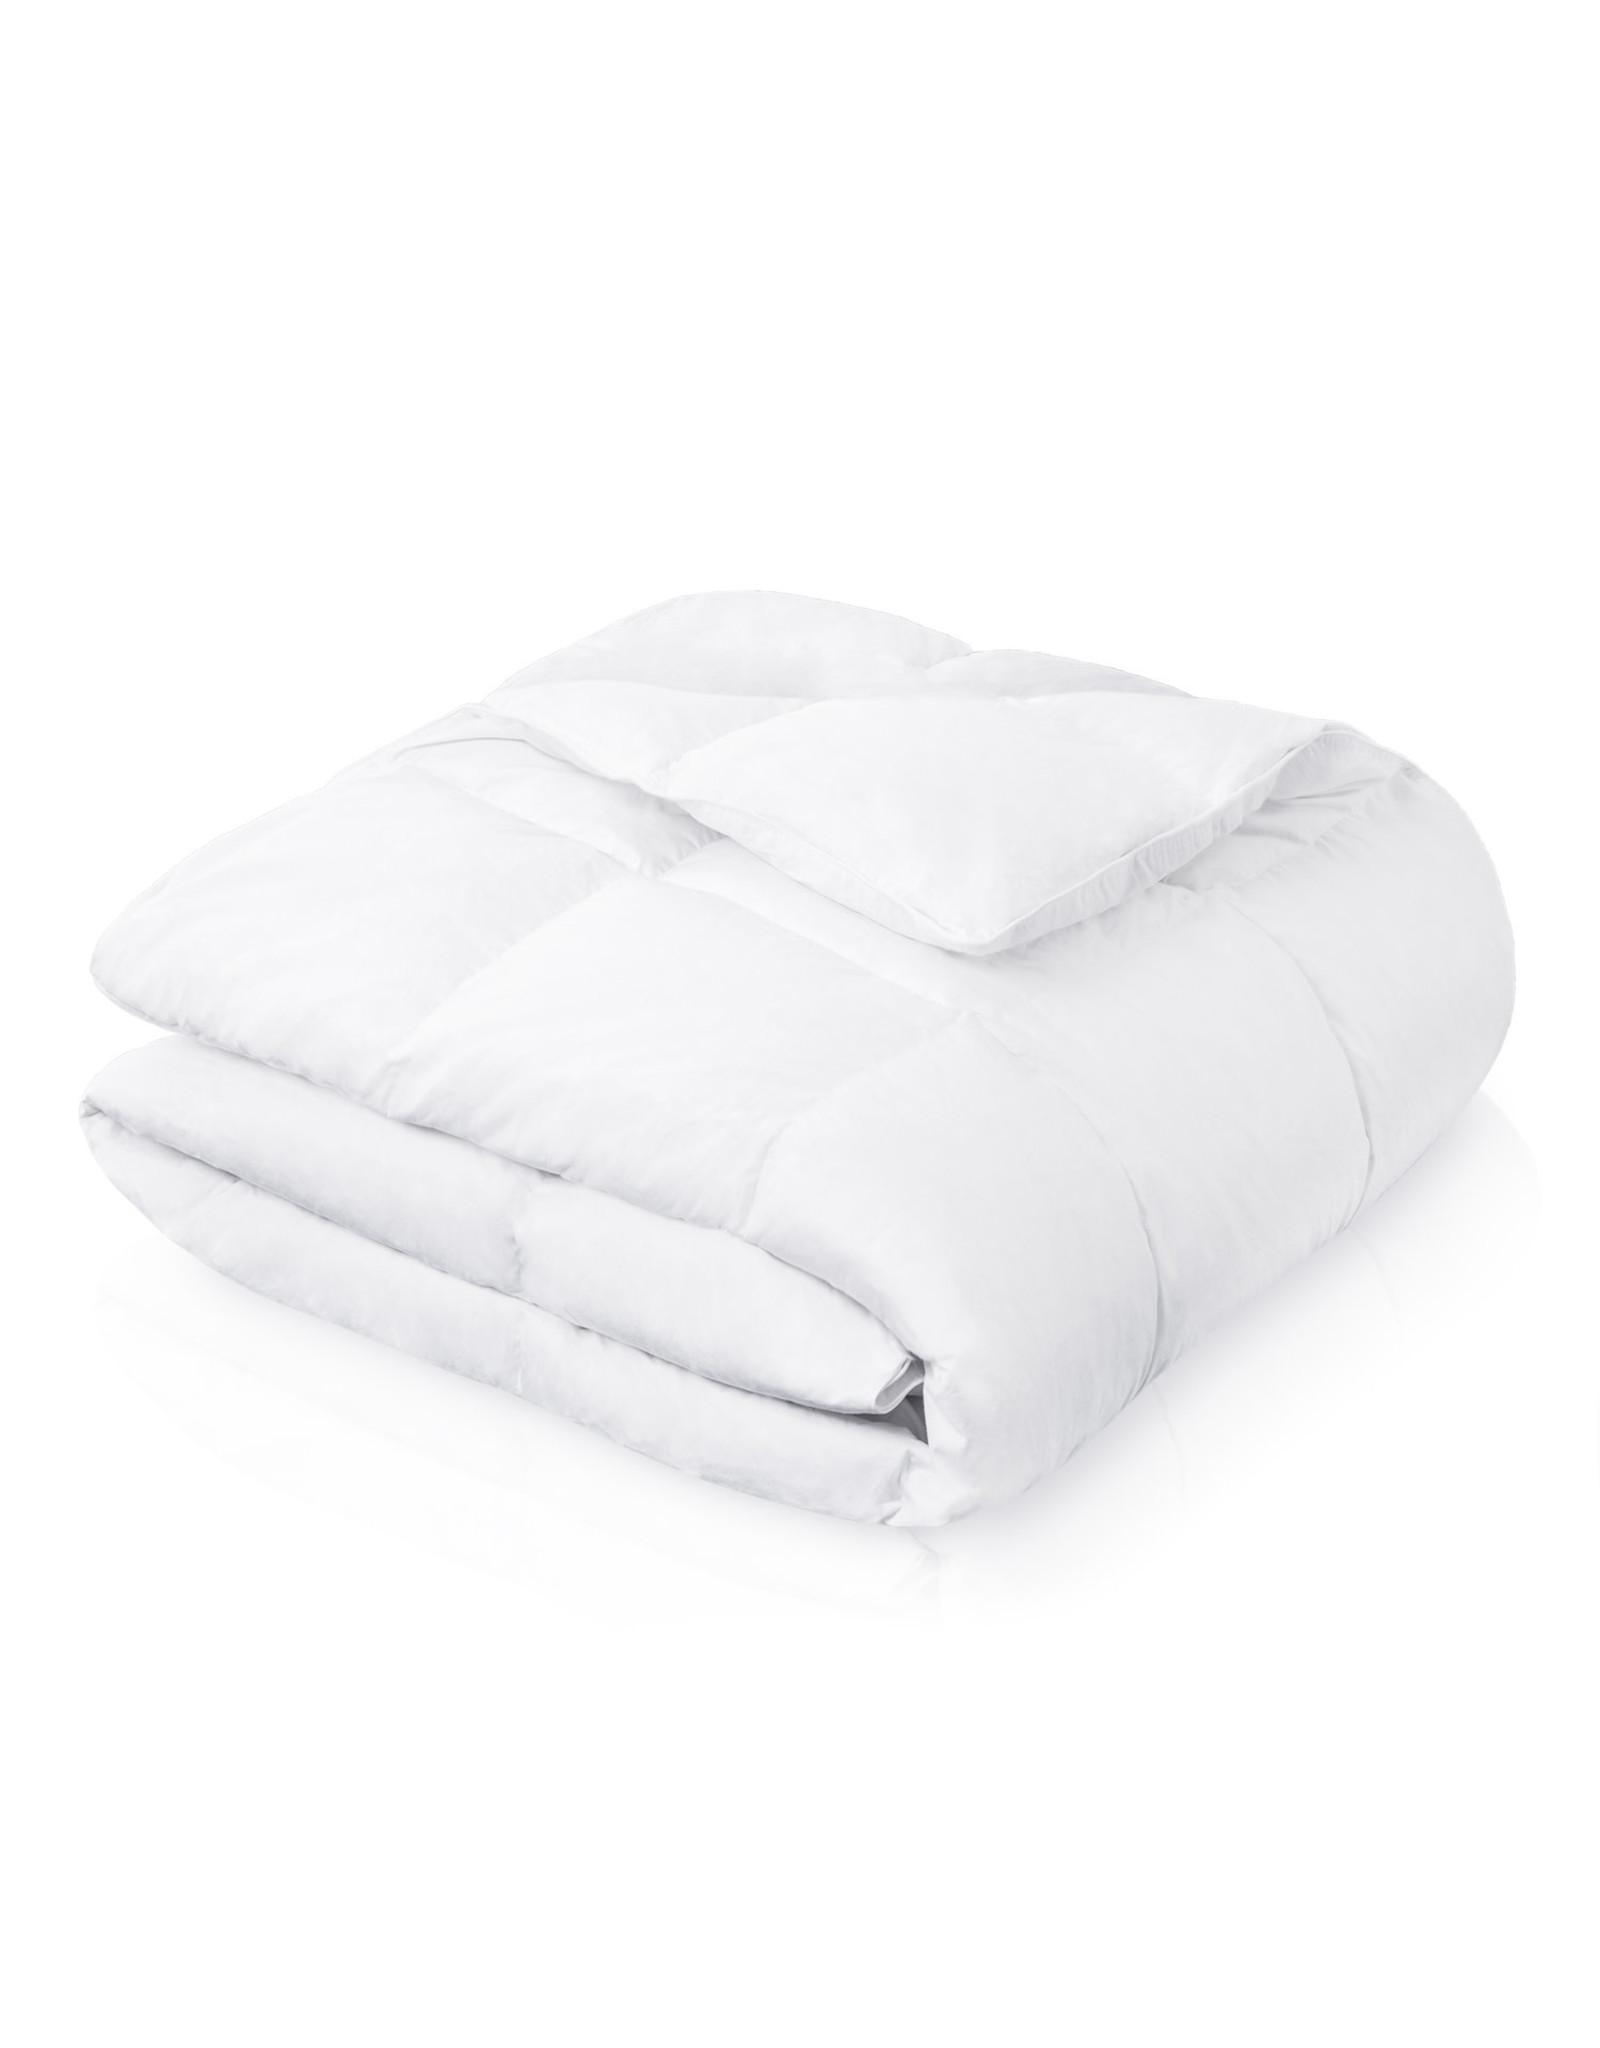 Malouf Woven Down Blend Comforter, Full, White